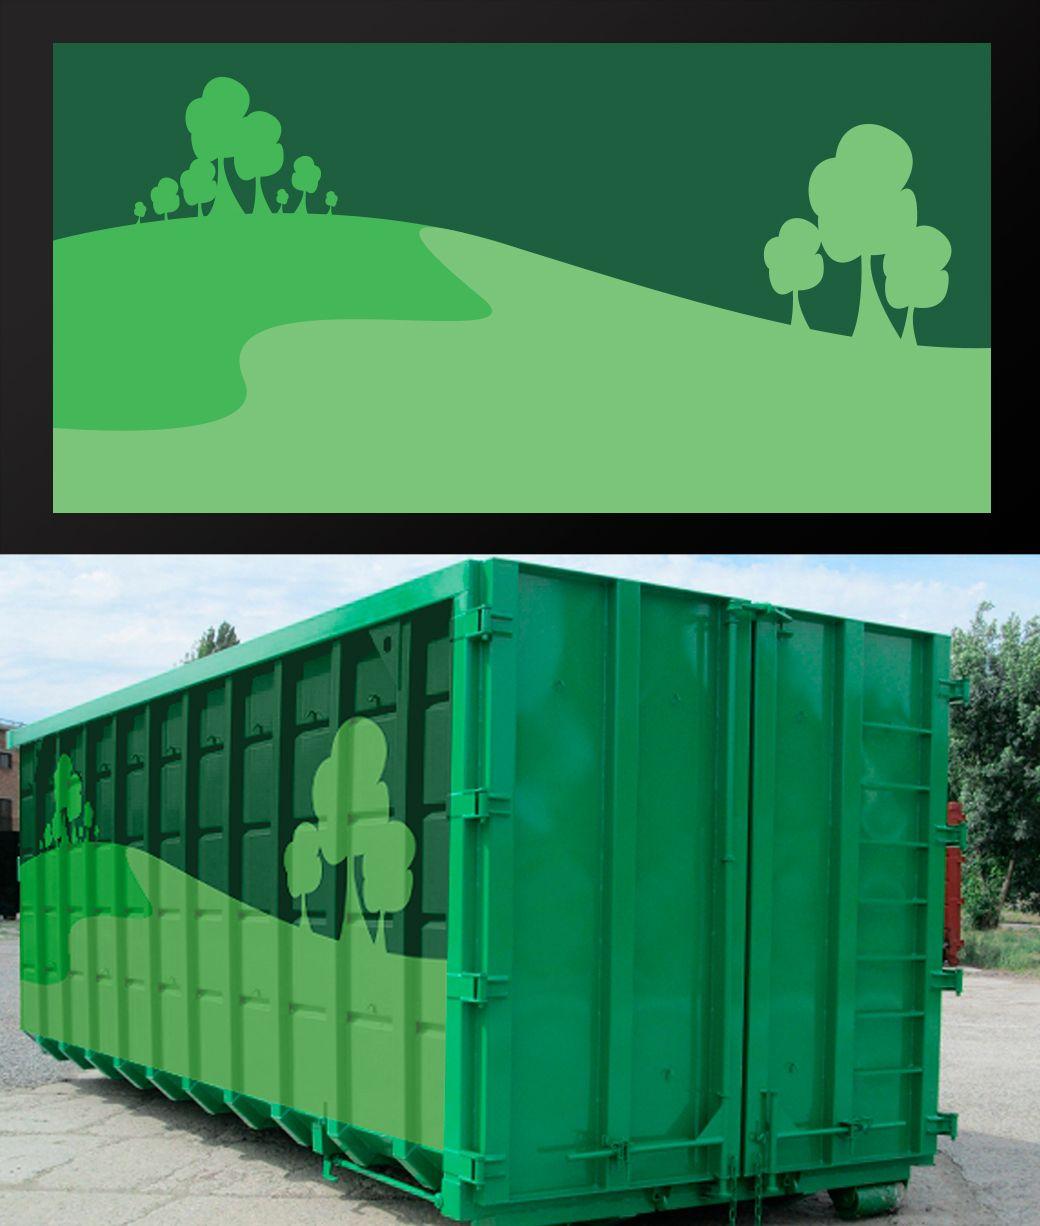 Шаблон раскраски мусорных контейнеров и бункеров - дизайнер STAF